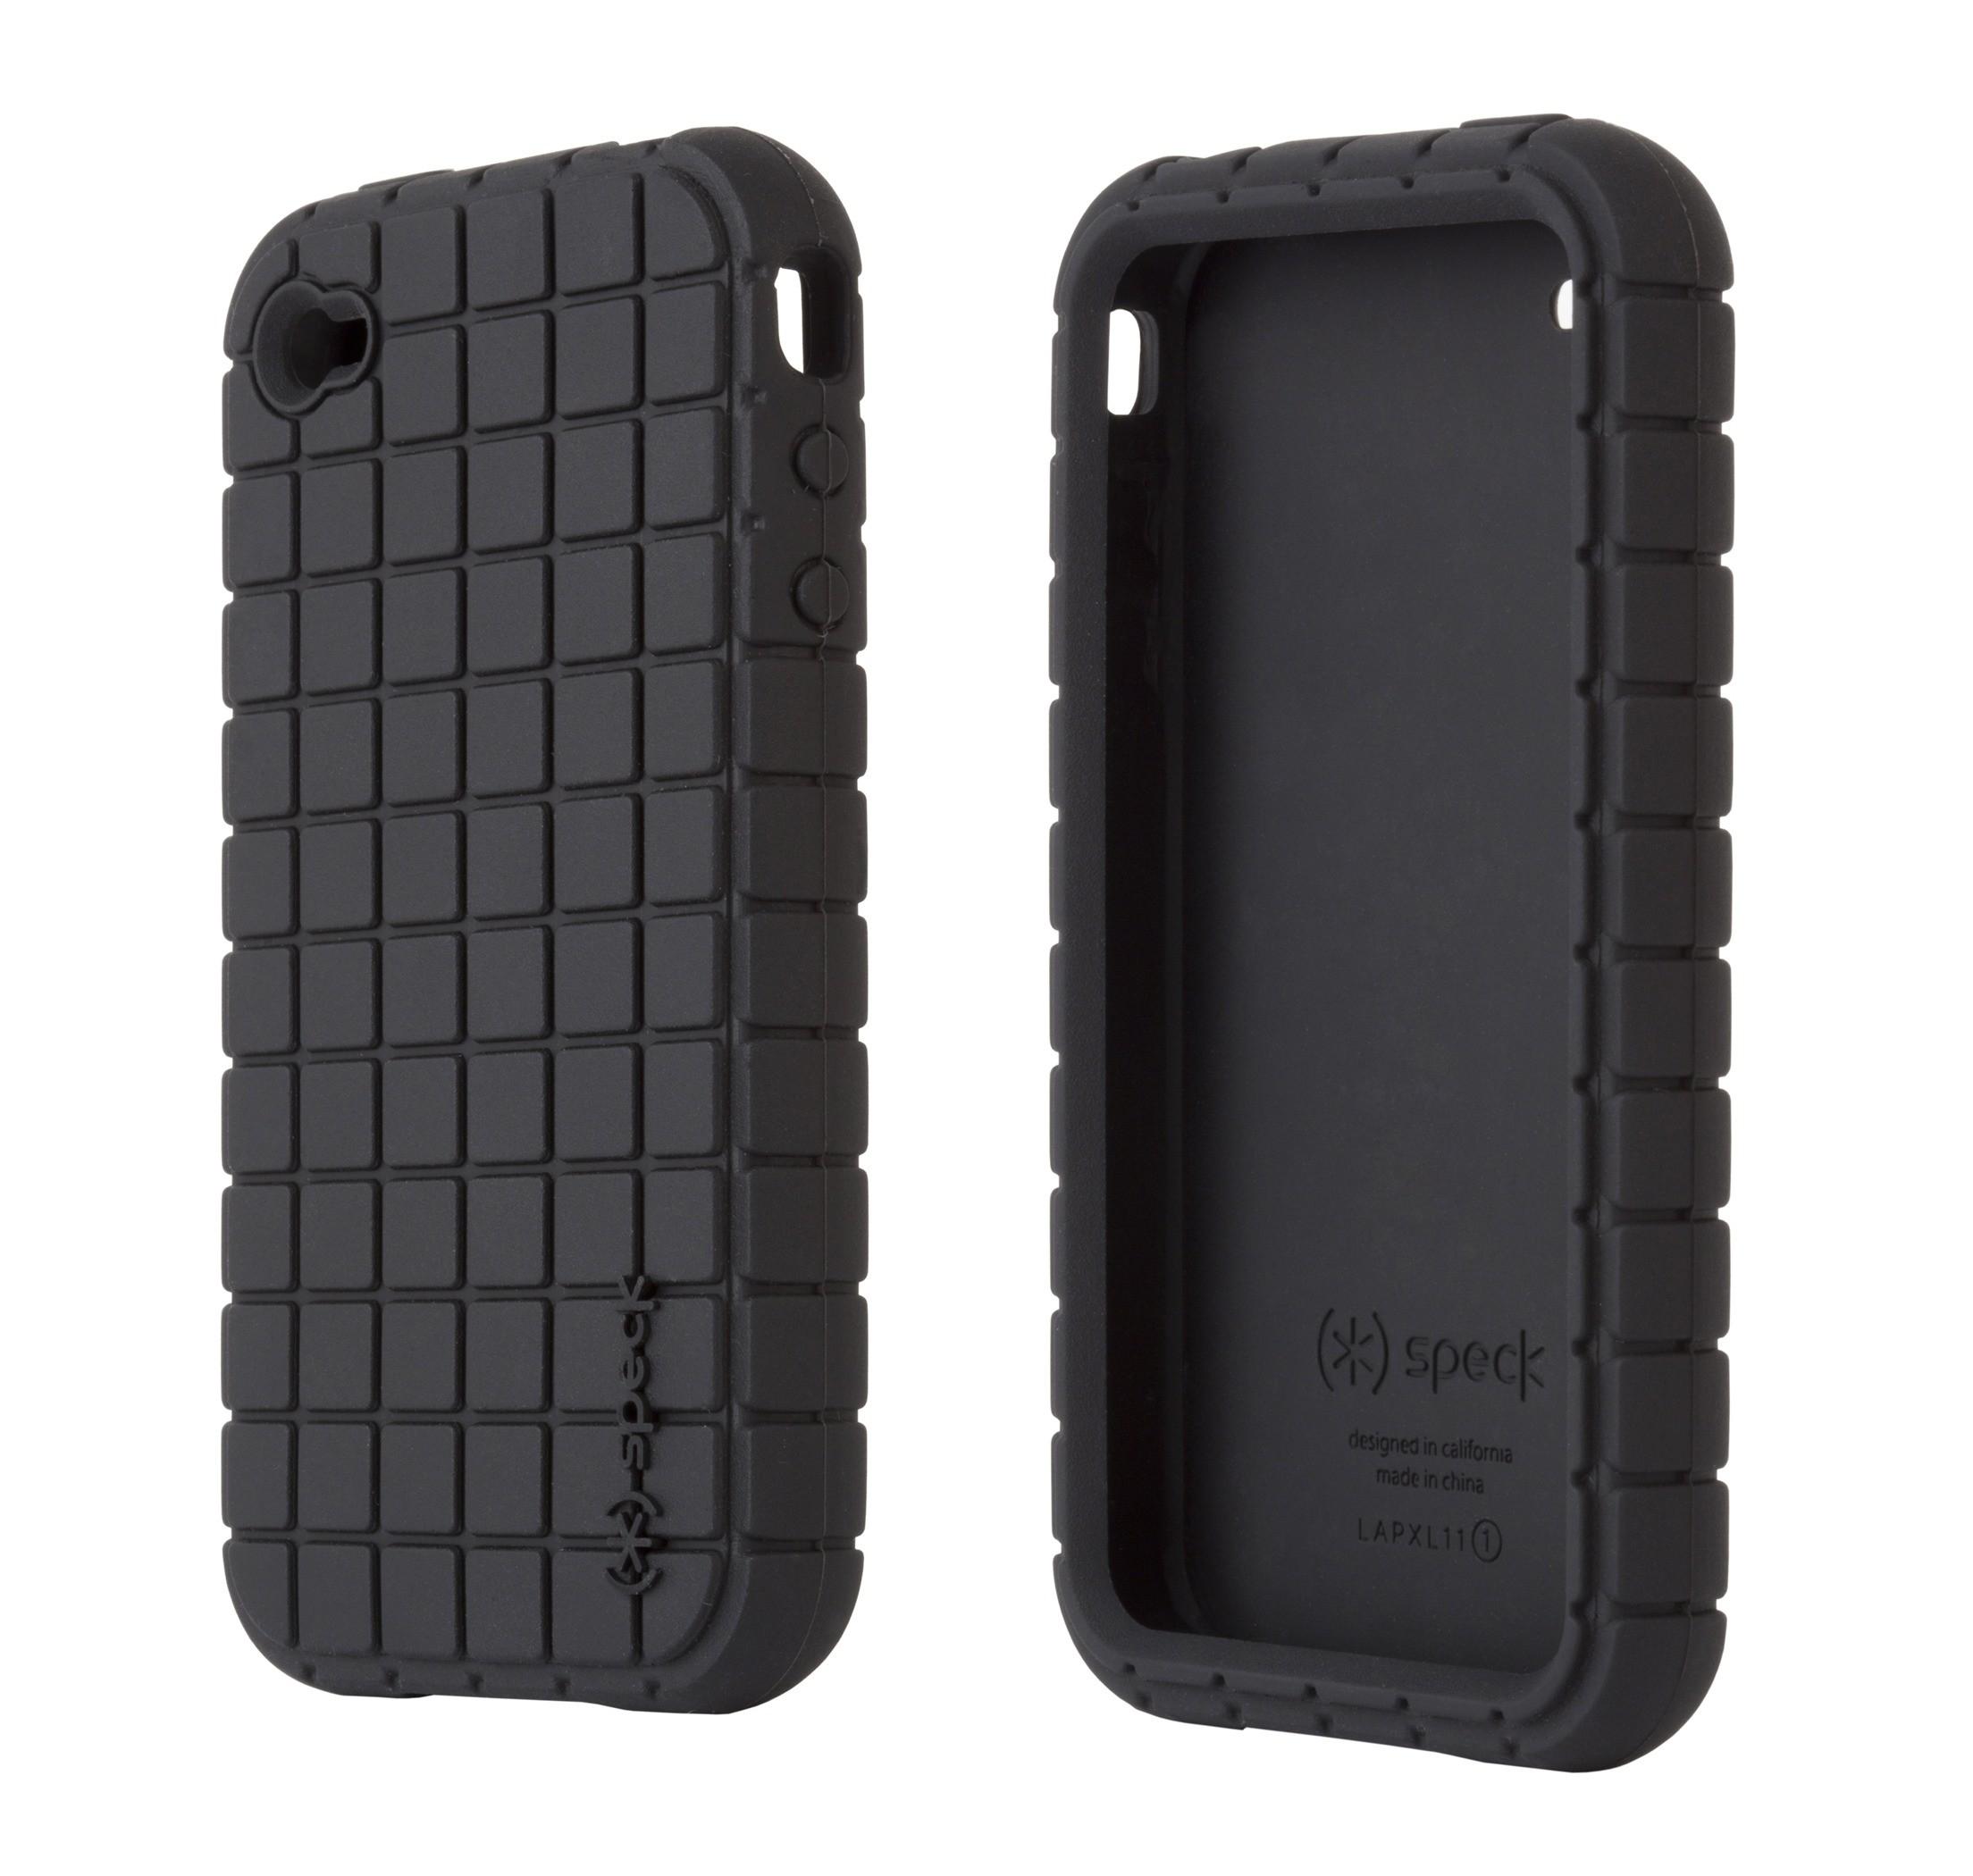 Pixel Silikone Cover til iPhone 4 - Sort